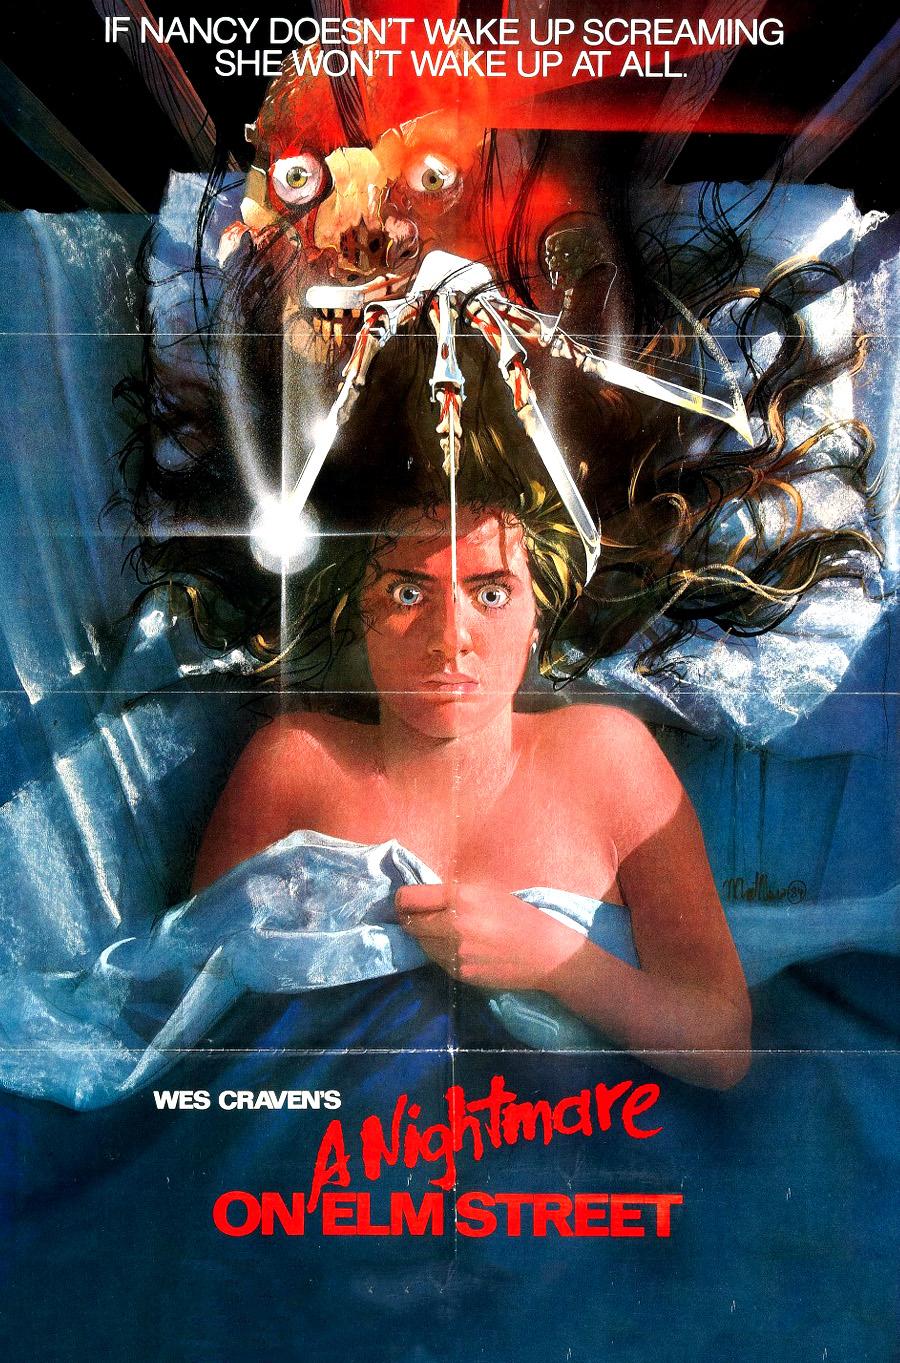 32 A Nightmare on Elm Street (1984).jpg